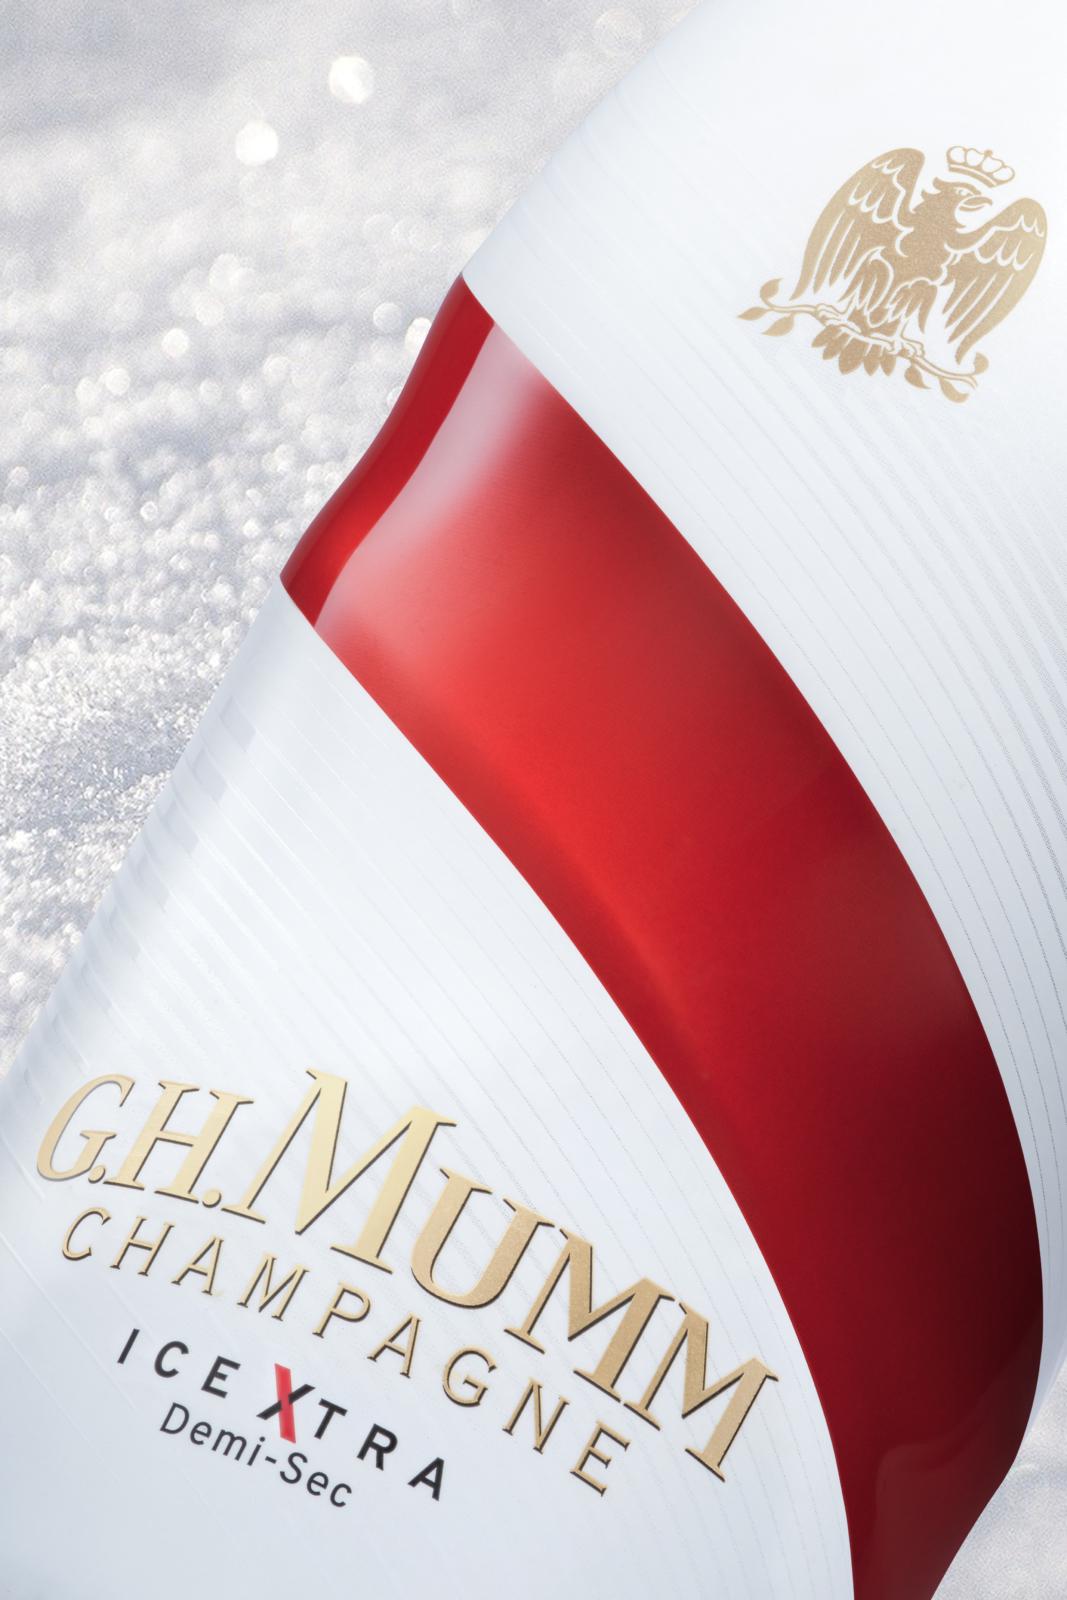 GH.MUMM - Un design pensé par l'agence de design de Paris Partisan du Sens.